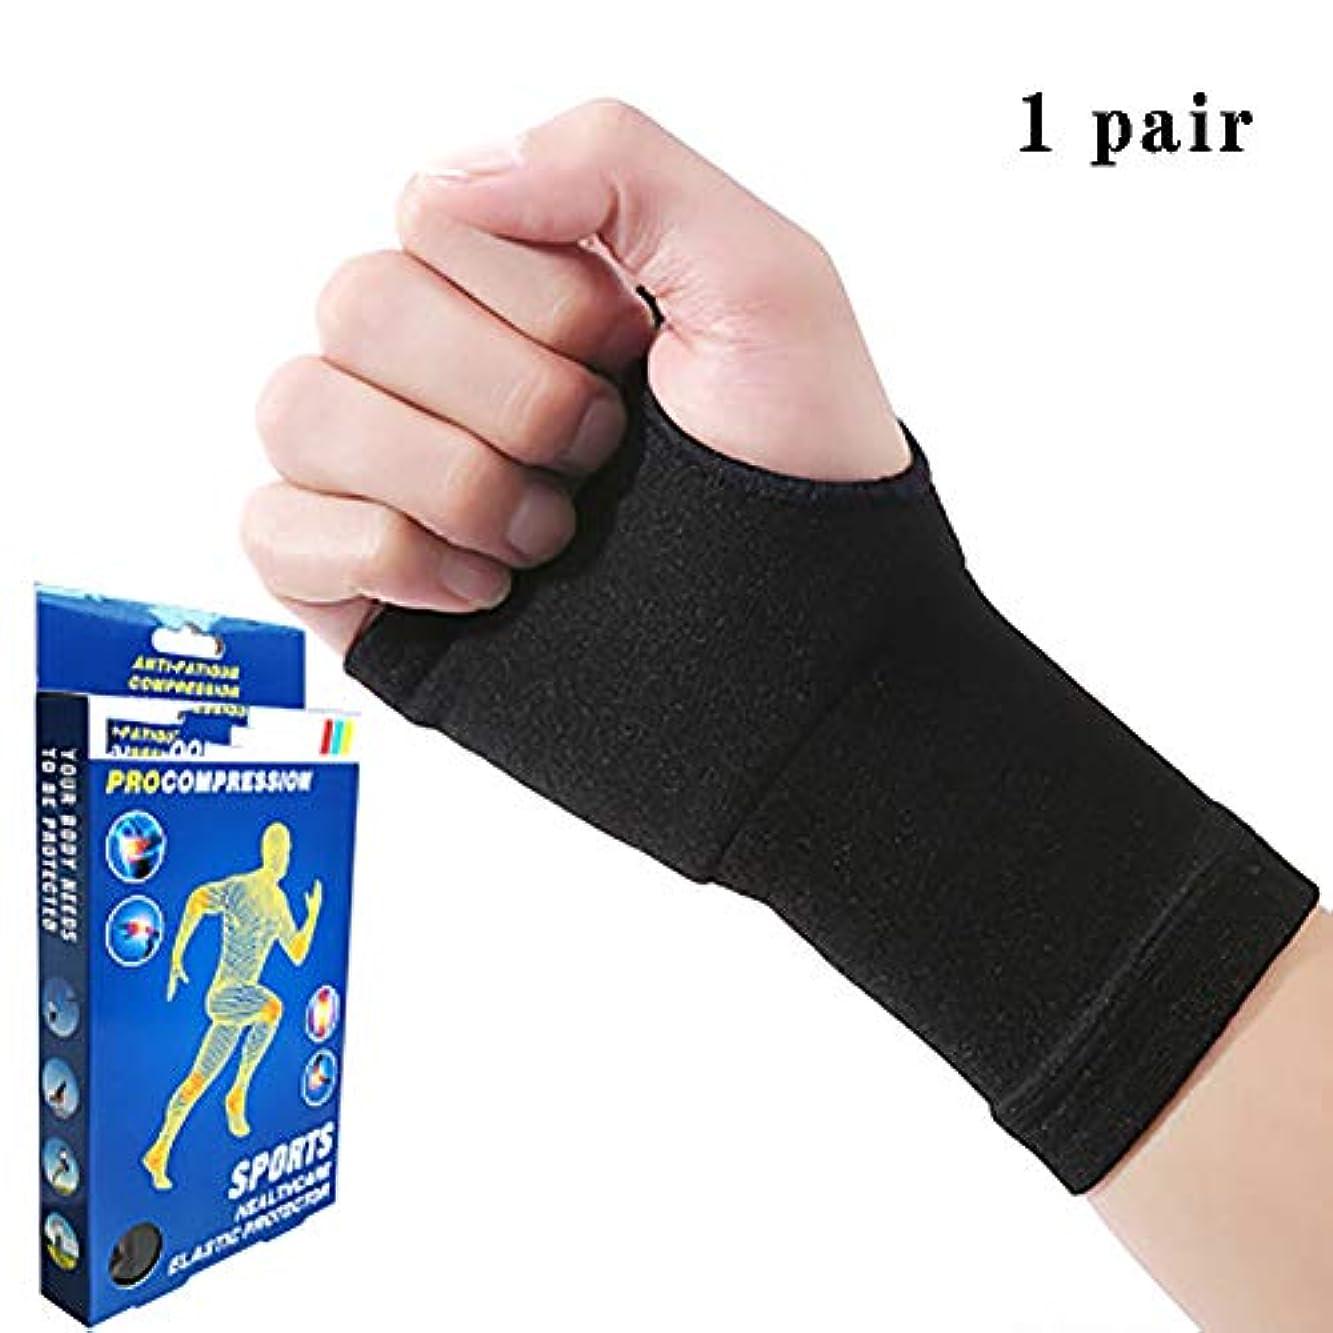 持っている縞模様の保持関節炎グローブ手首のサポート、銅の圧縮リストバンド医師は、高品位の痛みを軽減する手首プロテクター1ペアを開発しました